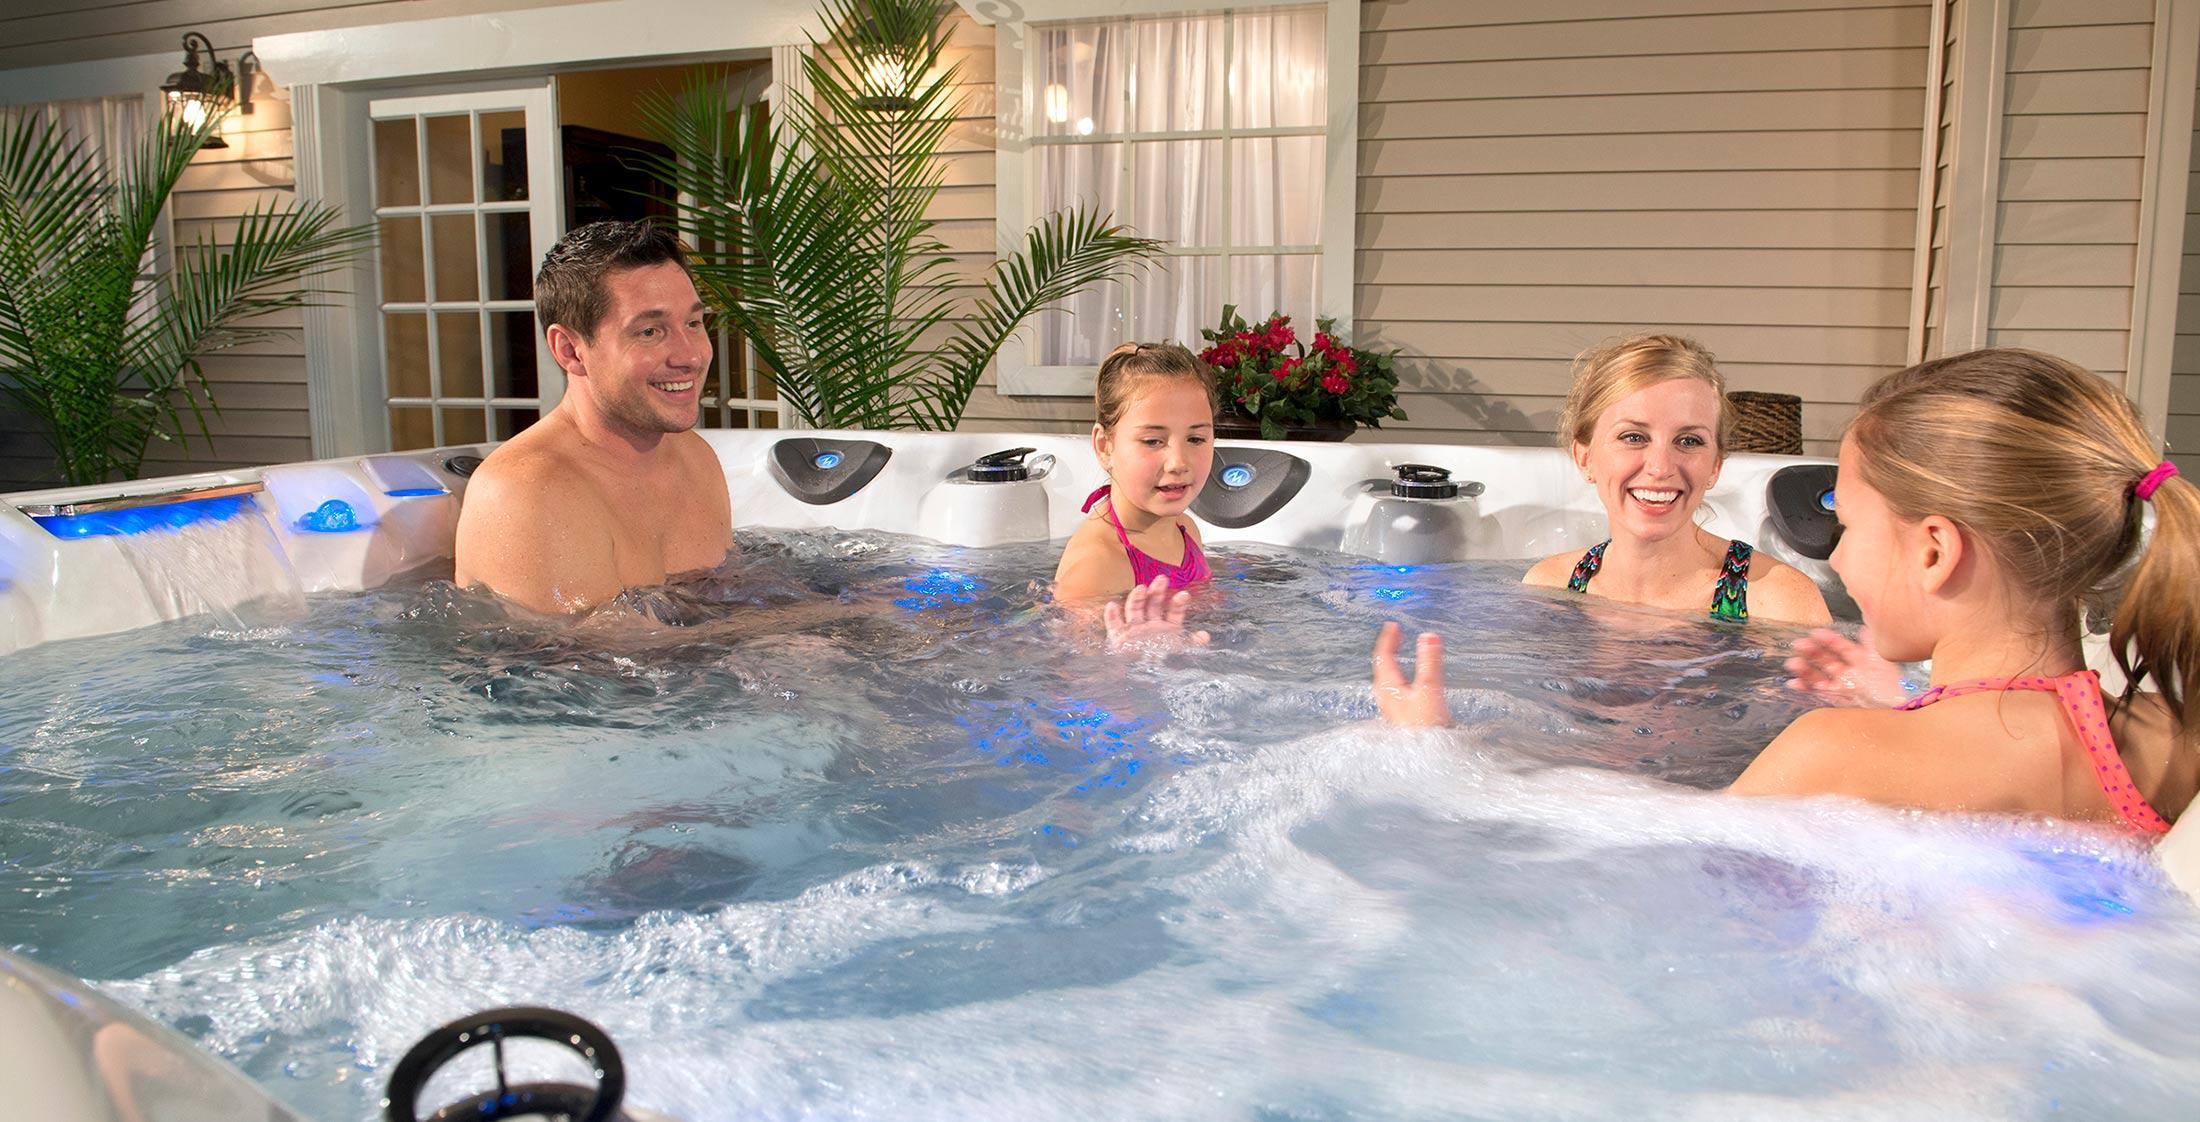 Michael Phelps Hot Tub Range